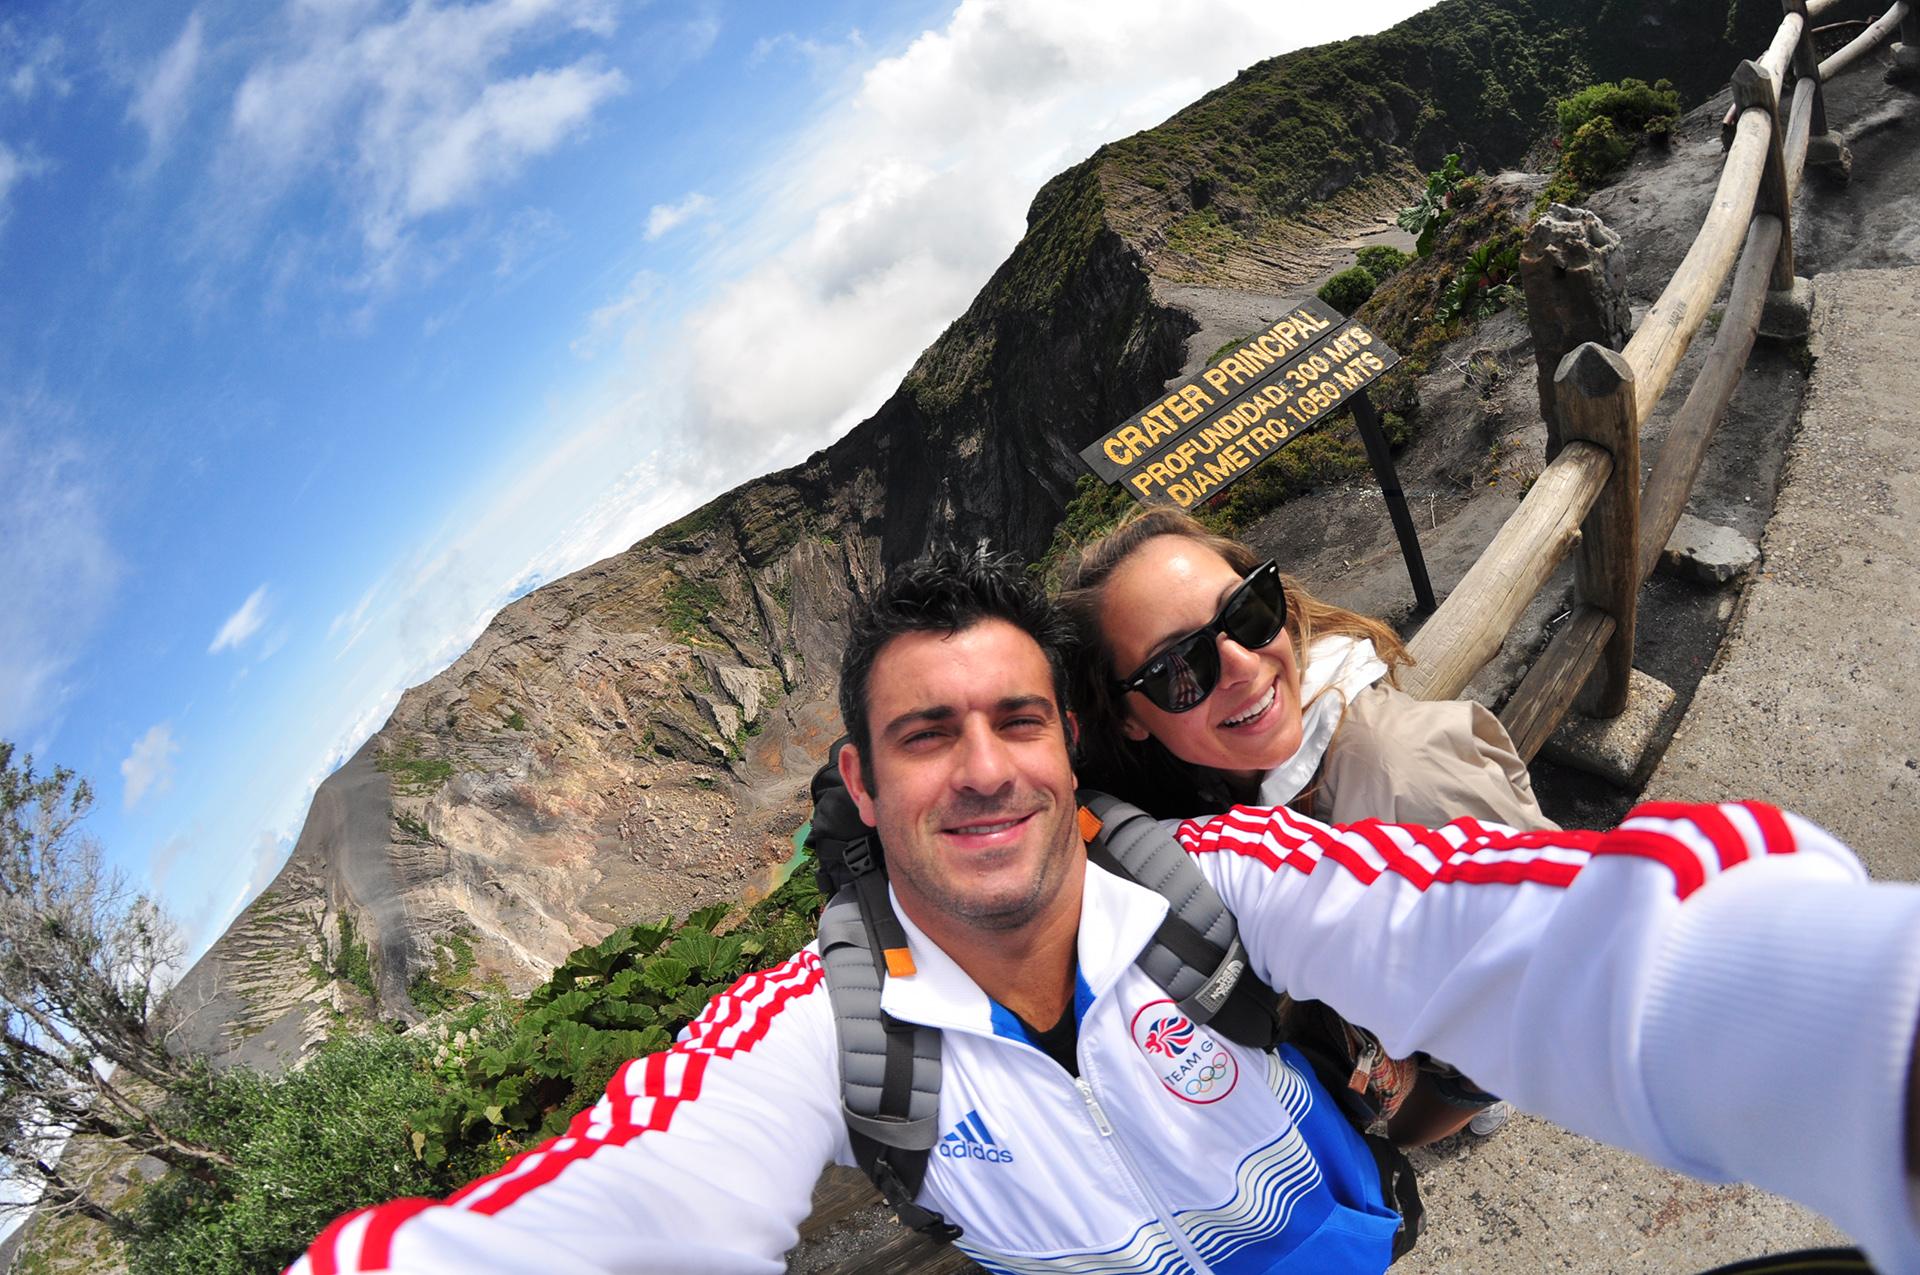 Viajar a Costa Rica / Ruta por Costa Rica en 3 semanas ruta por costa rica - 37538078994 9ae6e3976b o - Ruta por Costa Rica en 3 semanas